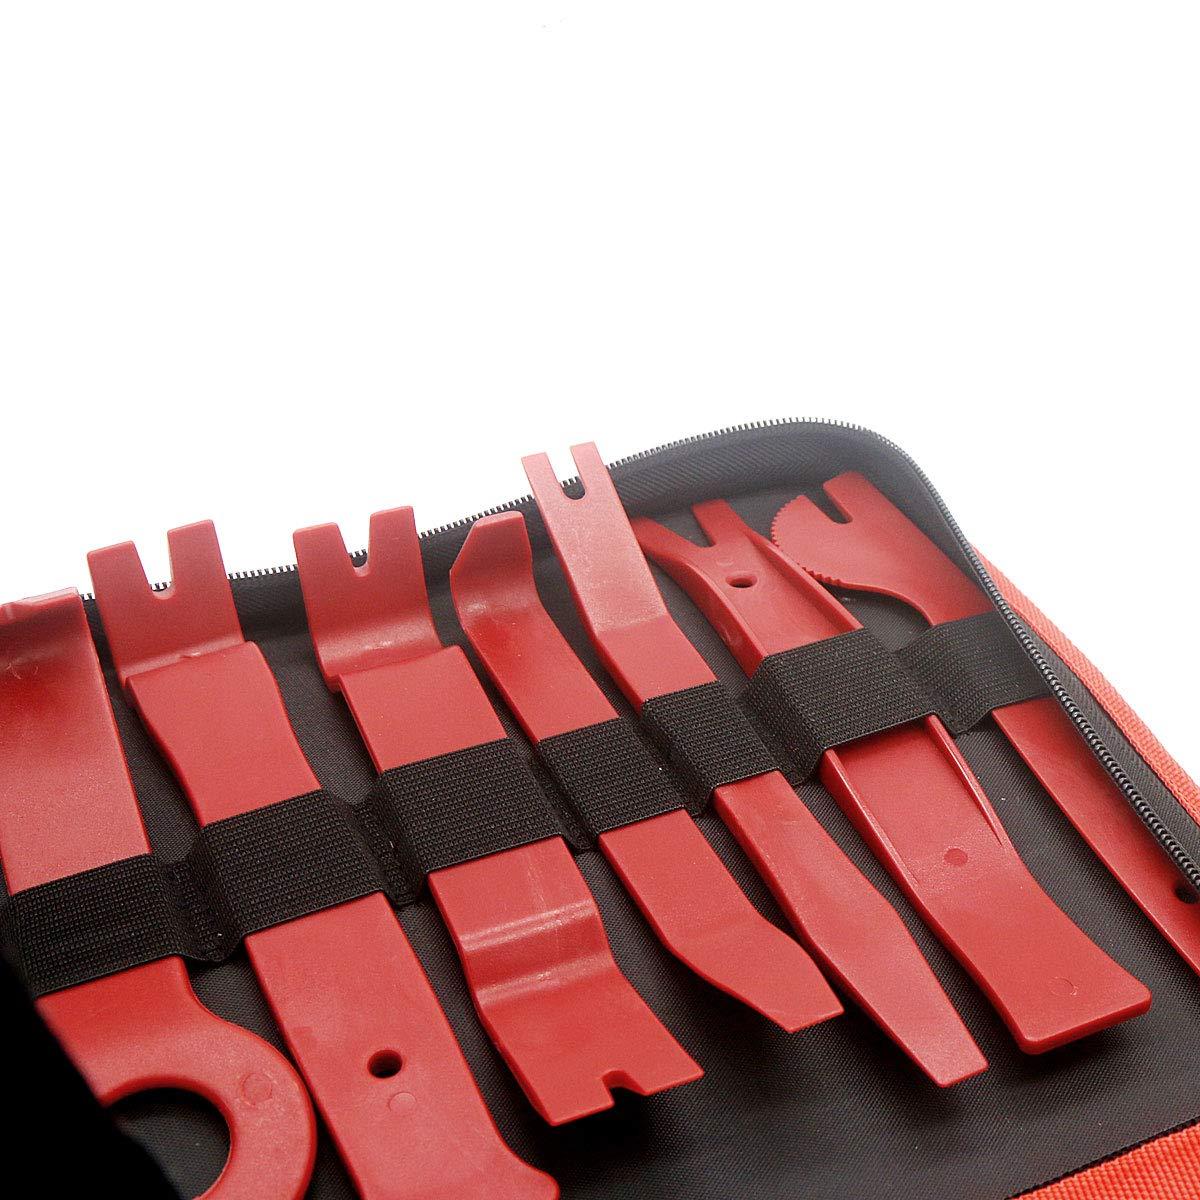 DEHAO 21PCS Demontage Werkzeuge Zierleistenkeile Montage Innen-Verkleidung T/ürverkleidungs L/ösewerkzeug Auto Zubeh/ör Removal Reparatur Set auf T/ürverkleidungen Polster Zierleisten Leisten